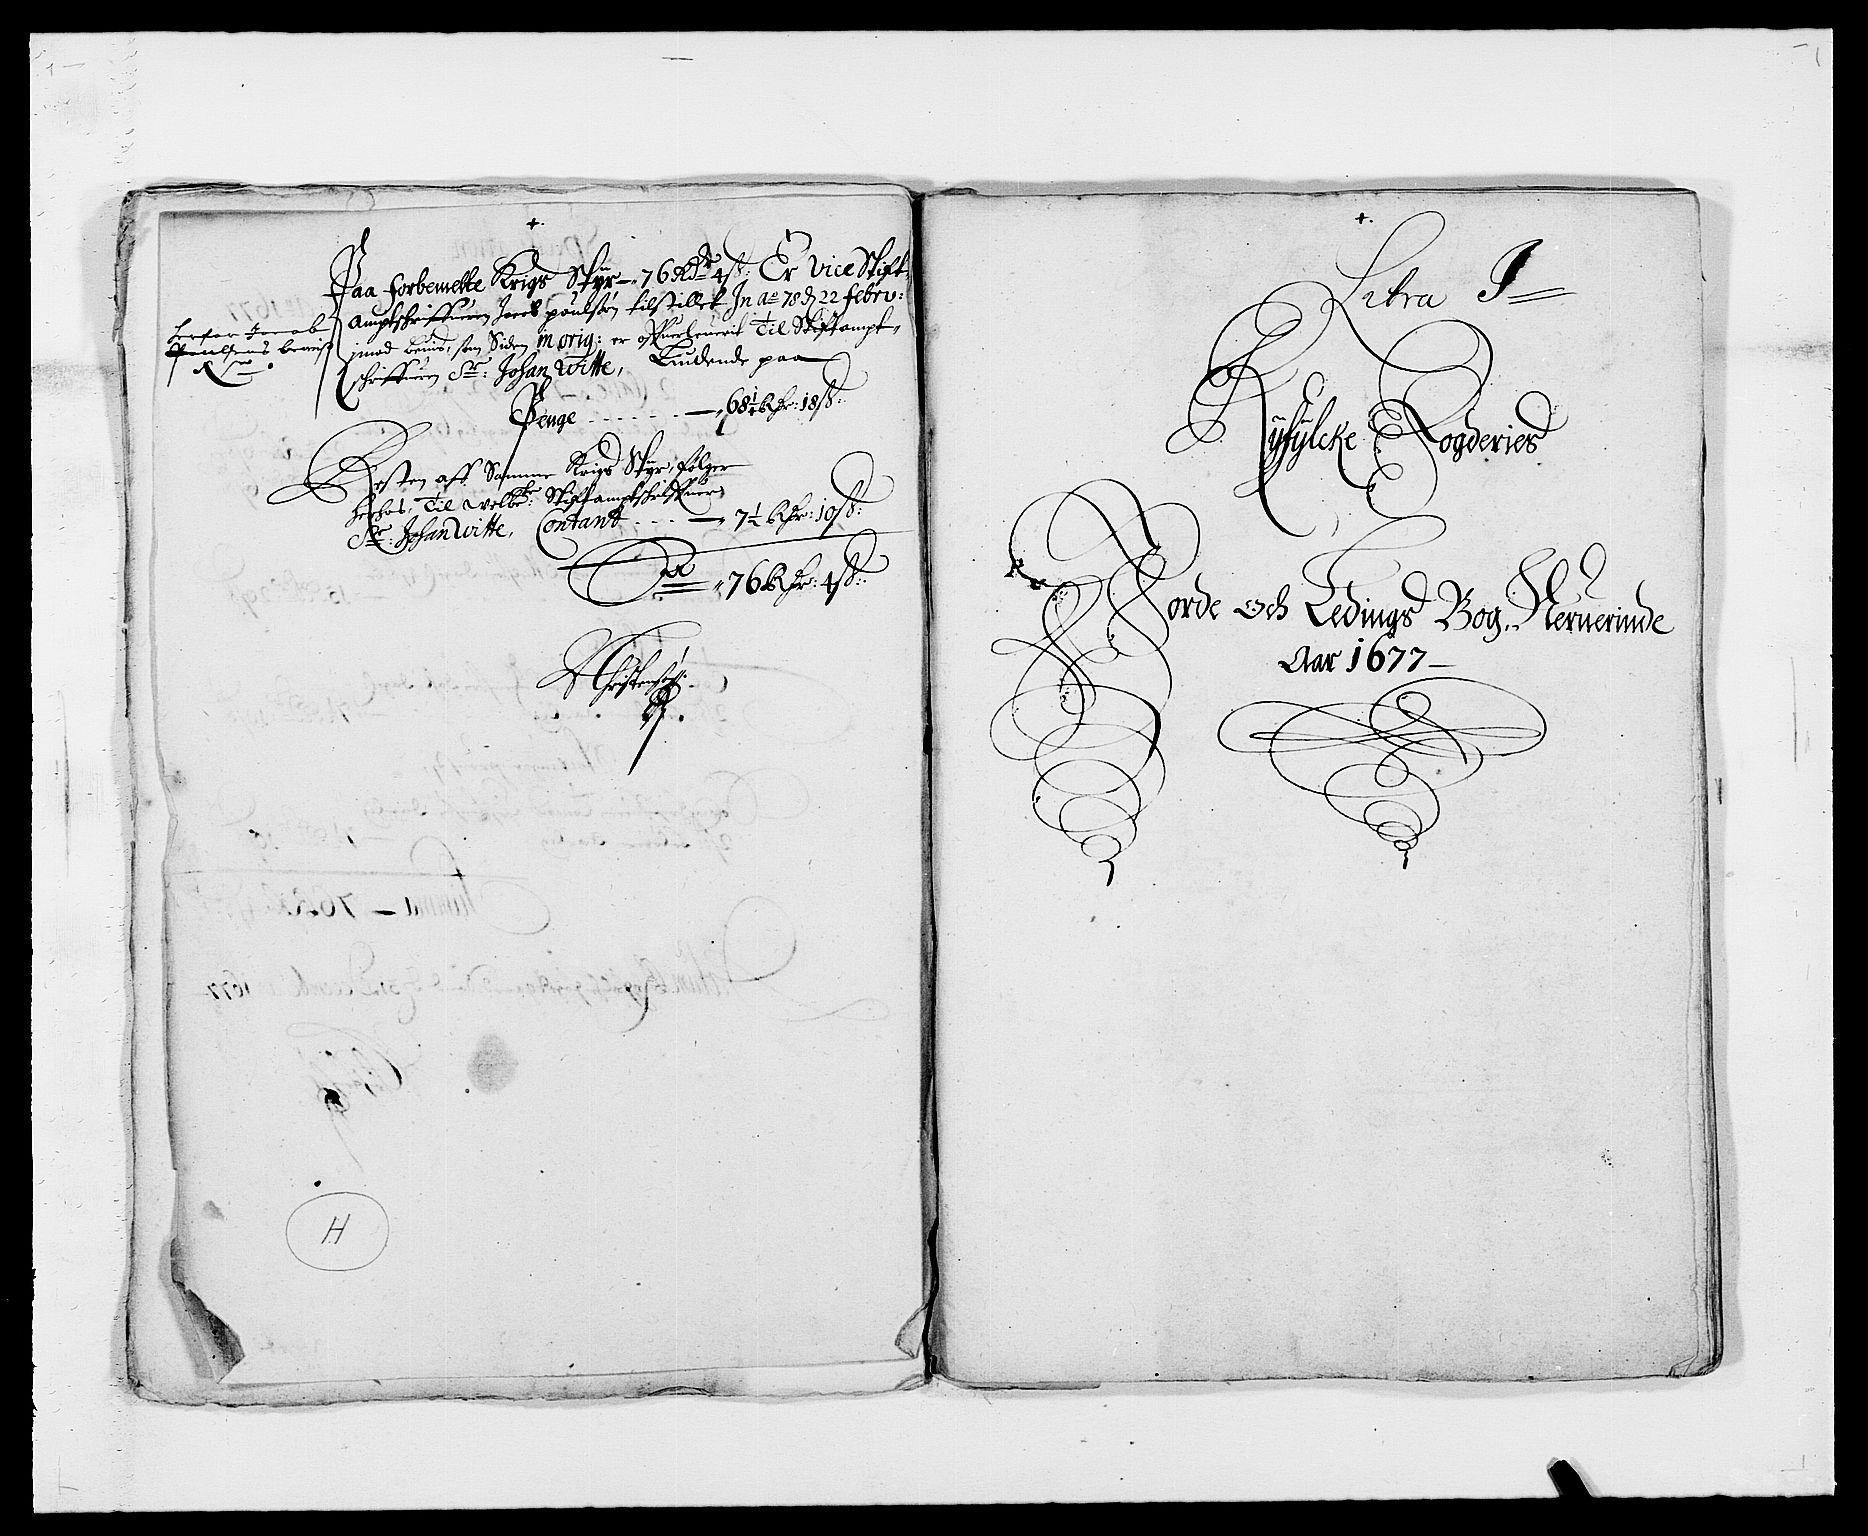 RA, Rentekammeret inntil 1814, Reviderte regnskaper, Fogderegnskap, R47/L2847: Fogderegnskap Ryfylke, 1677, s. 211